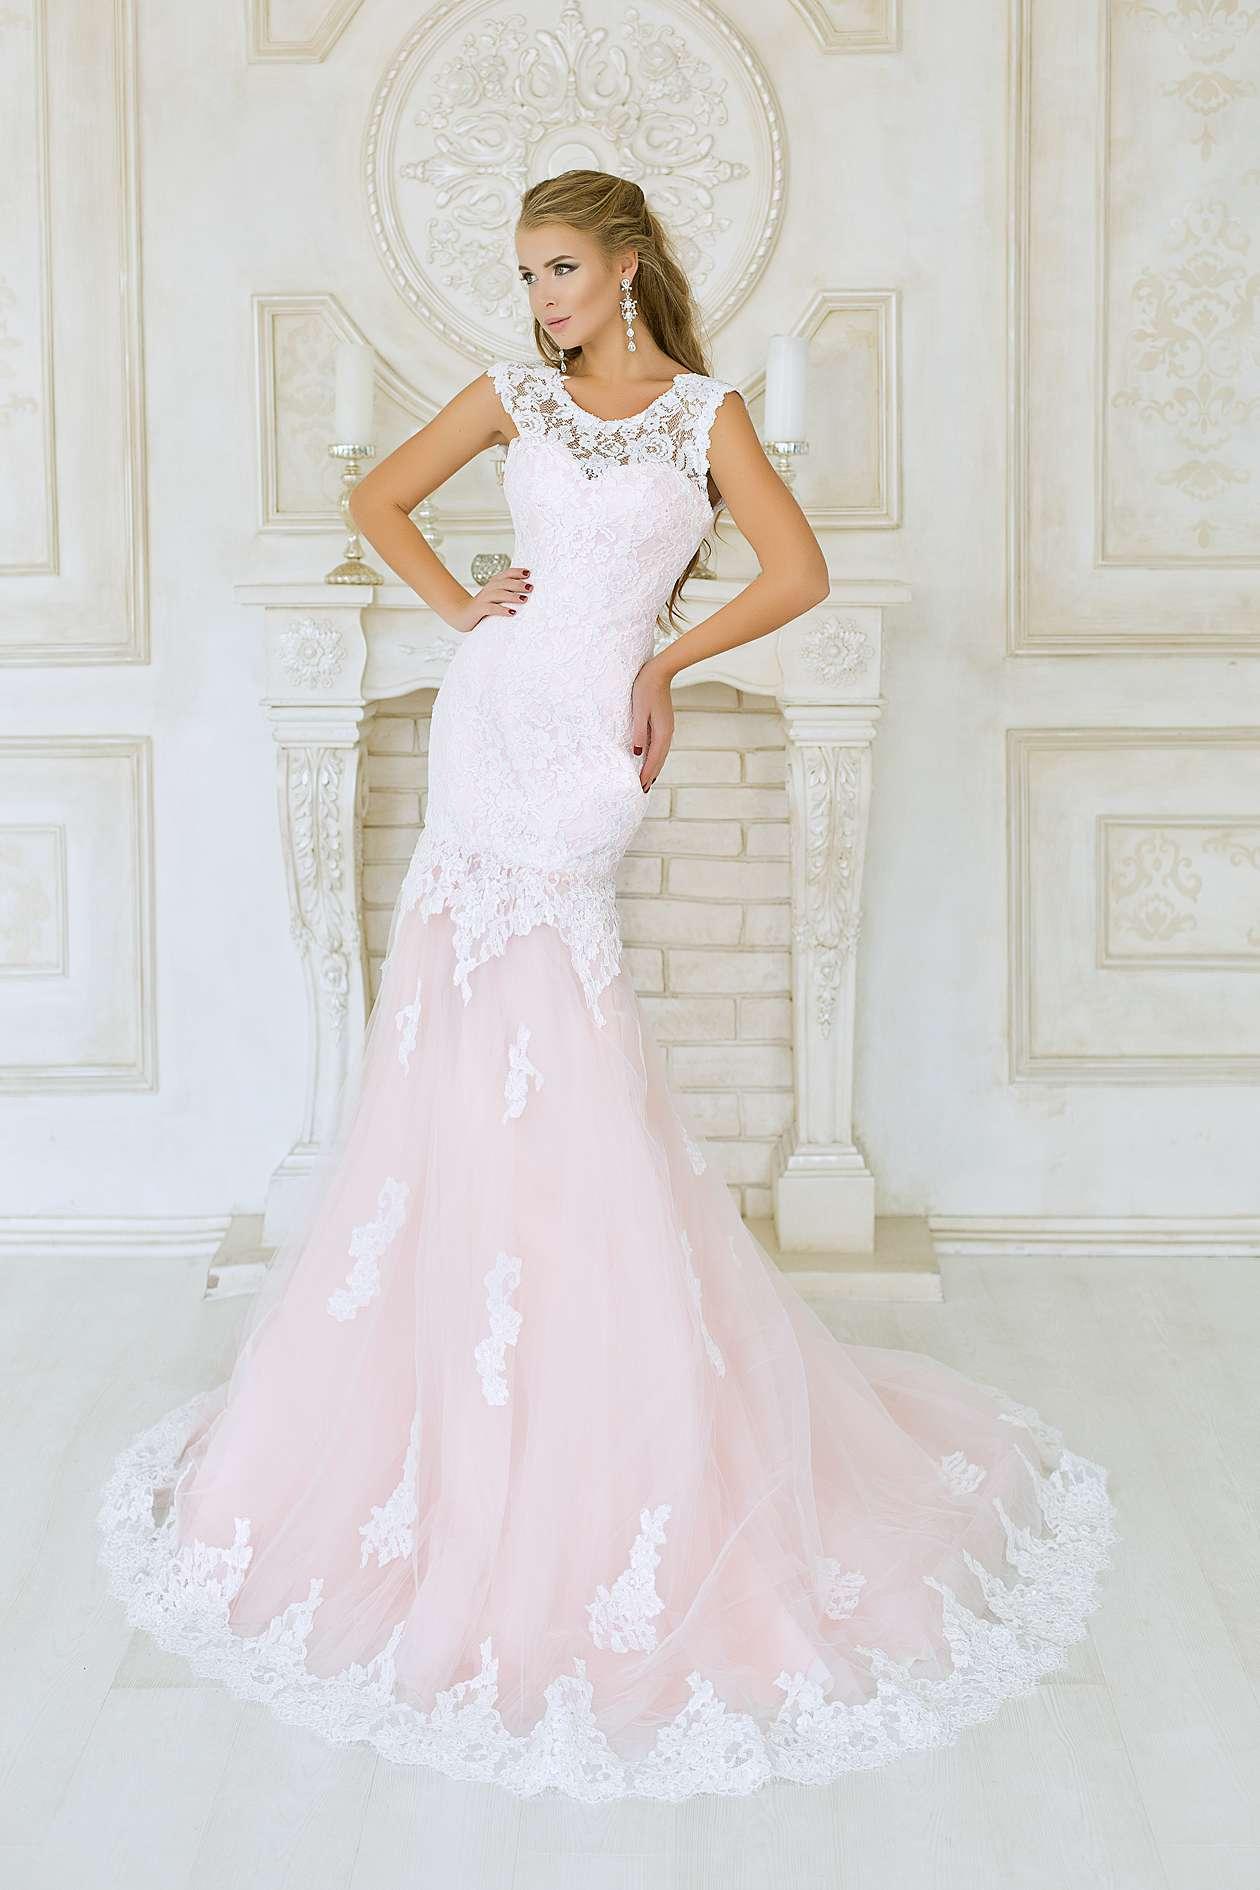 Купить вечернее платье силуэта русалочка - Versace из ...